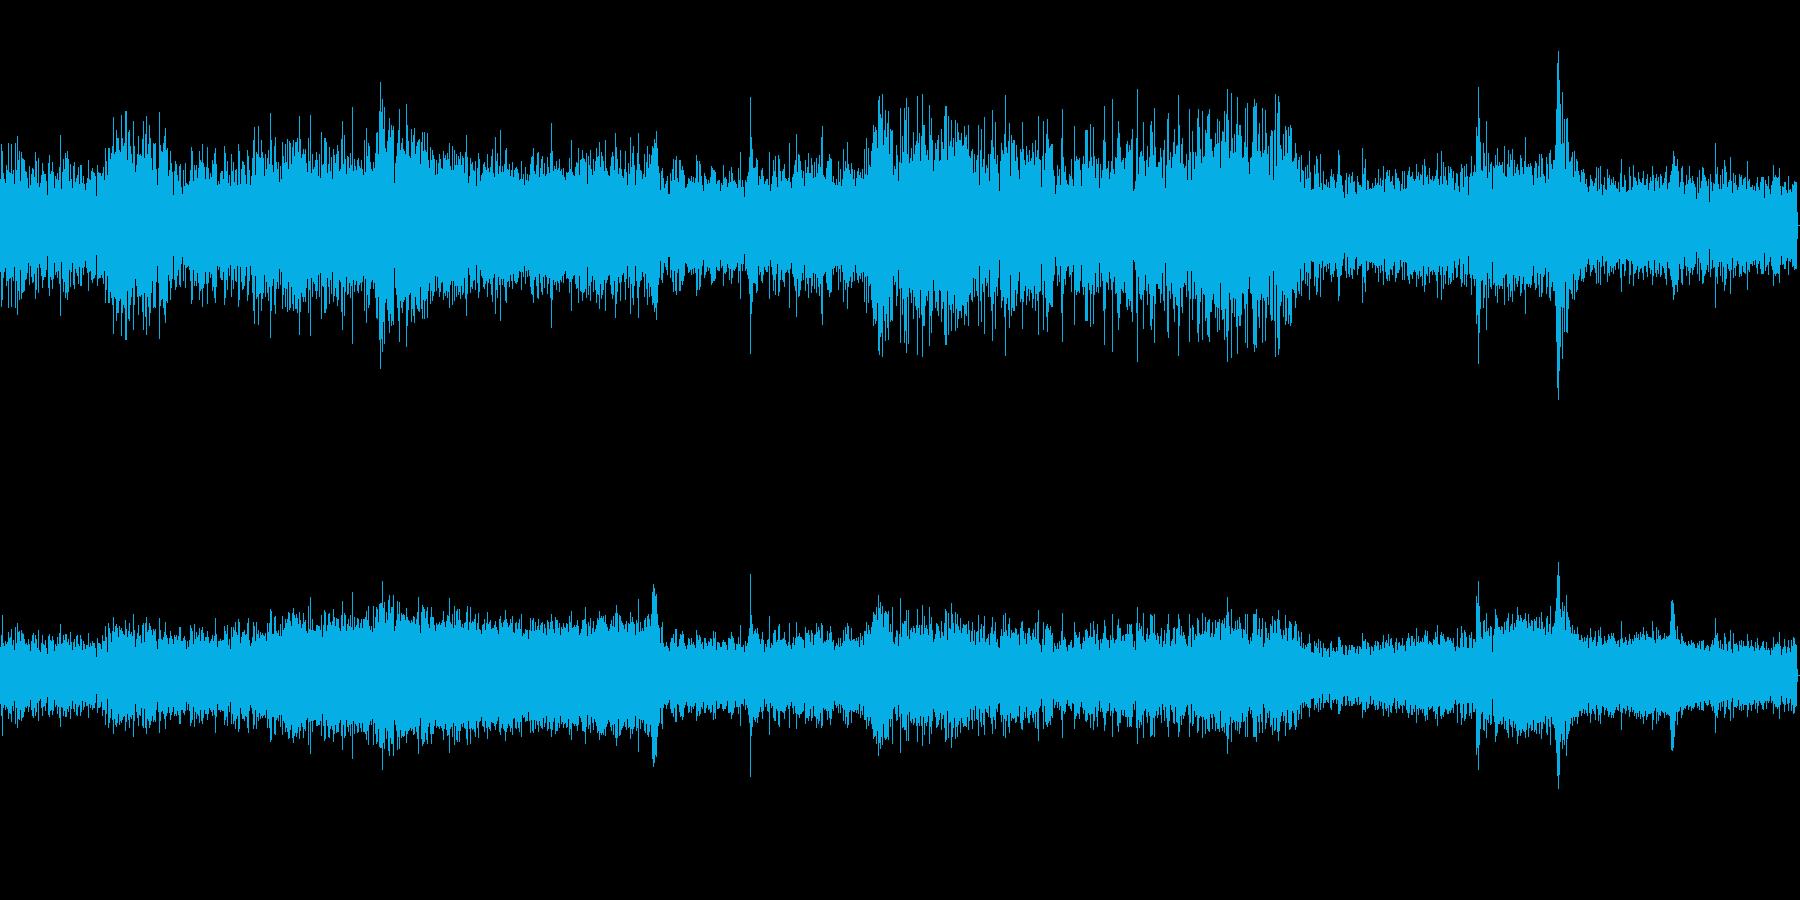 工場に響くノイズの音の再生済みの波形